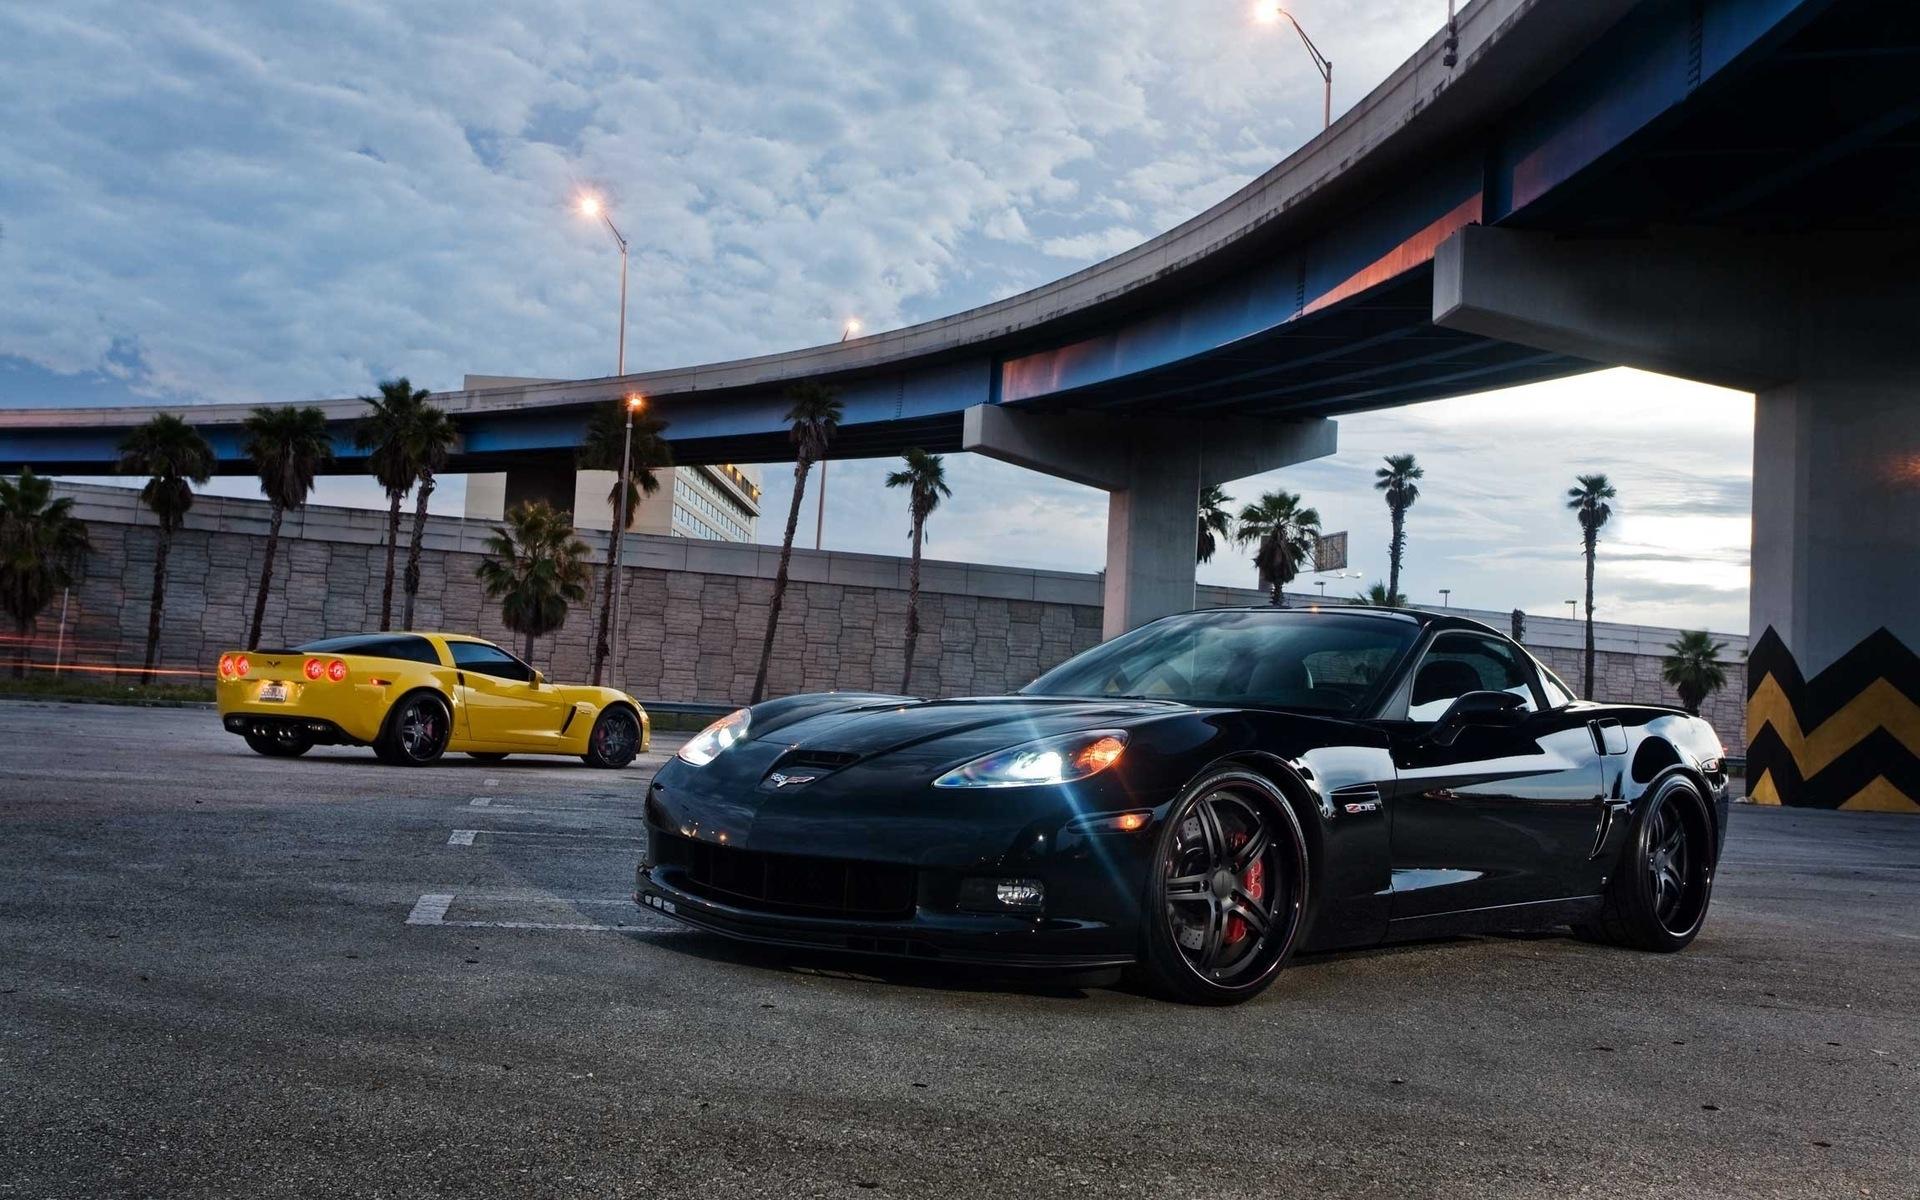 Chevy Corvette Wallpaper Borders - YouTube